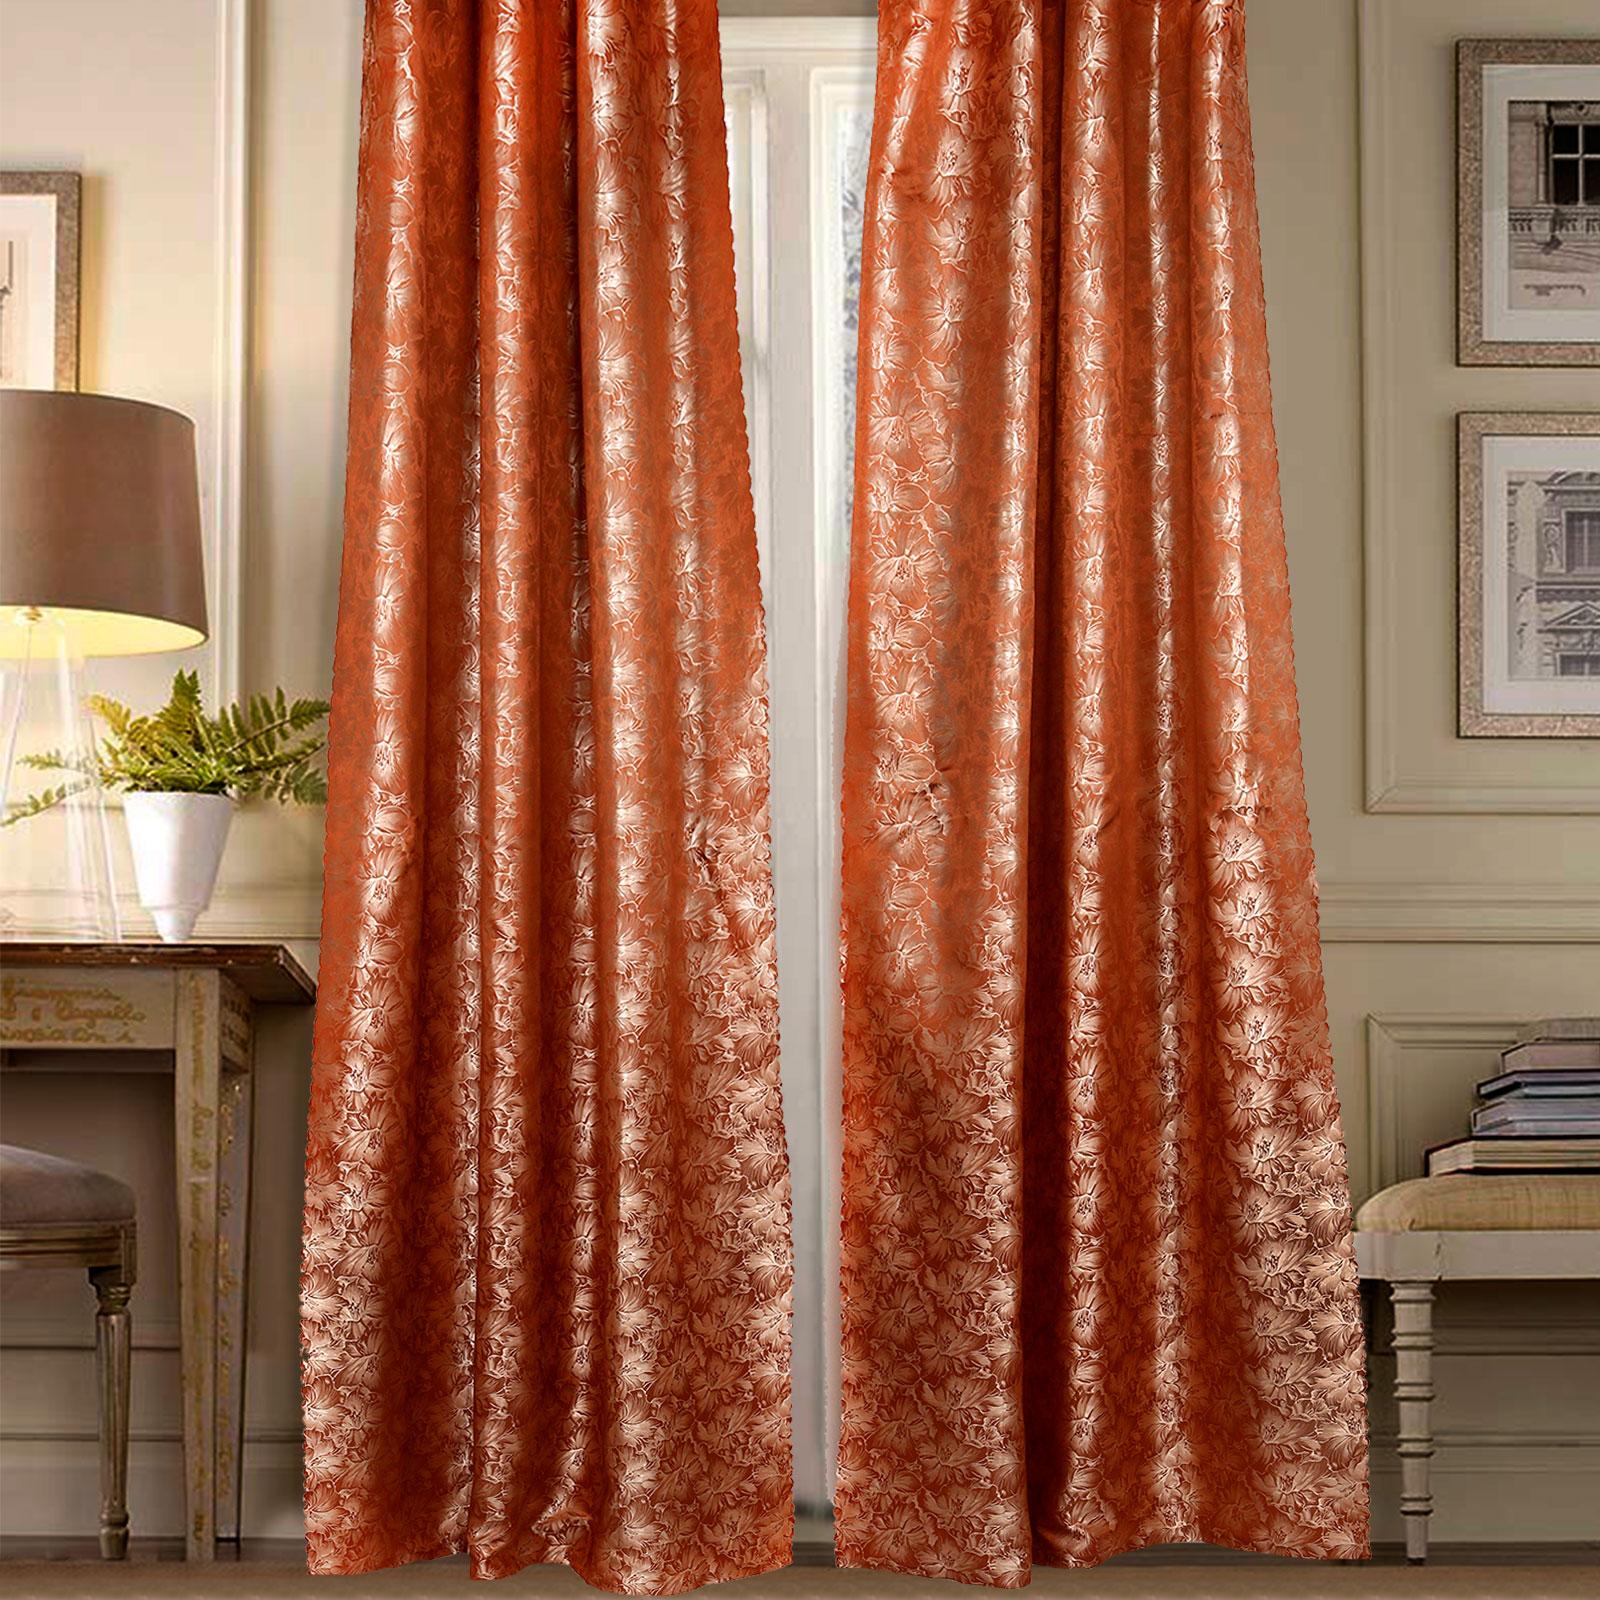 Комплект штор Цветочный Изыск комплект штор с покрывалом для спальни в москве